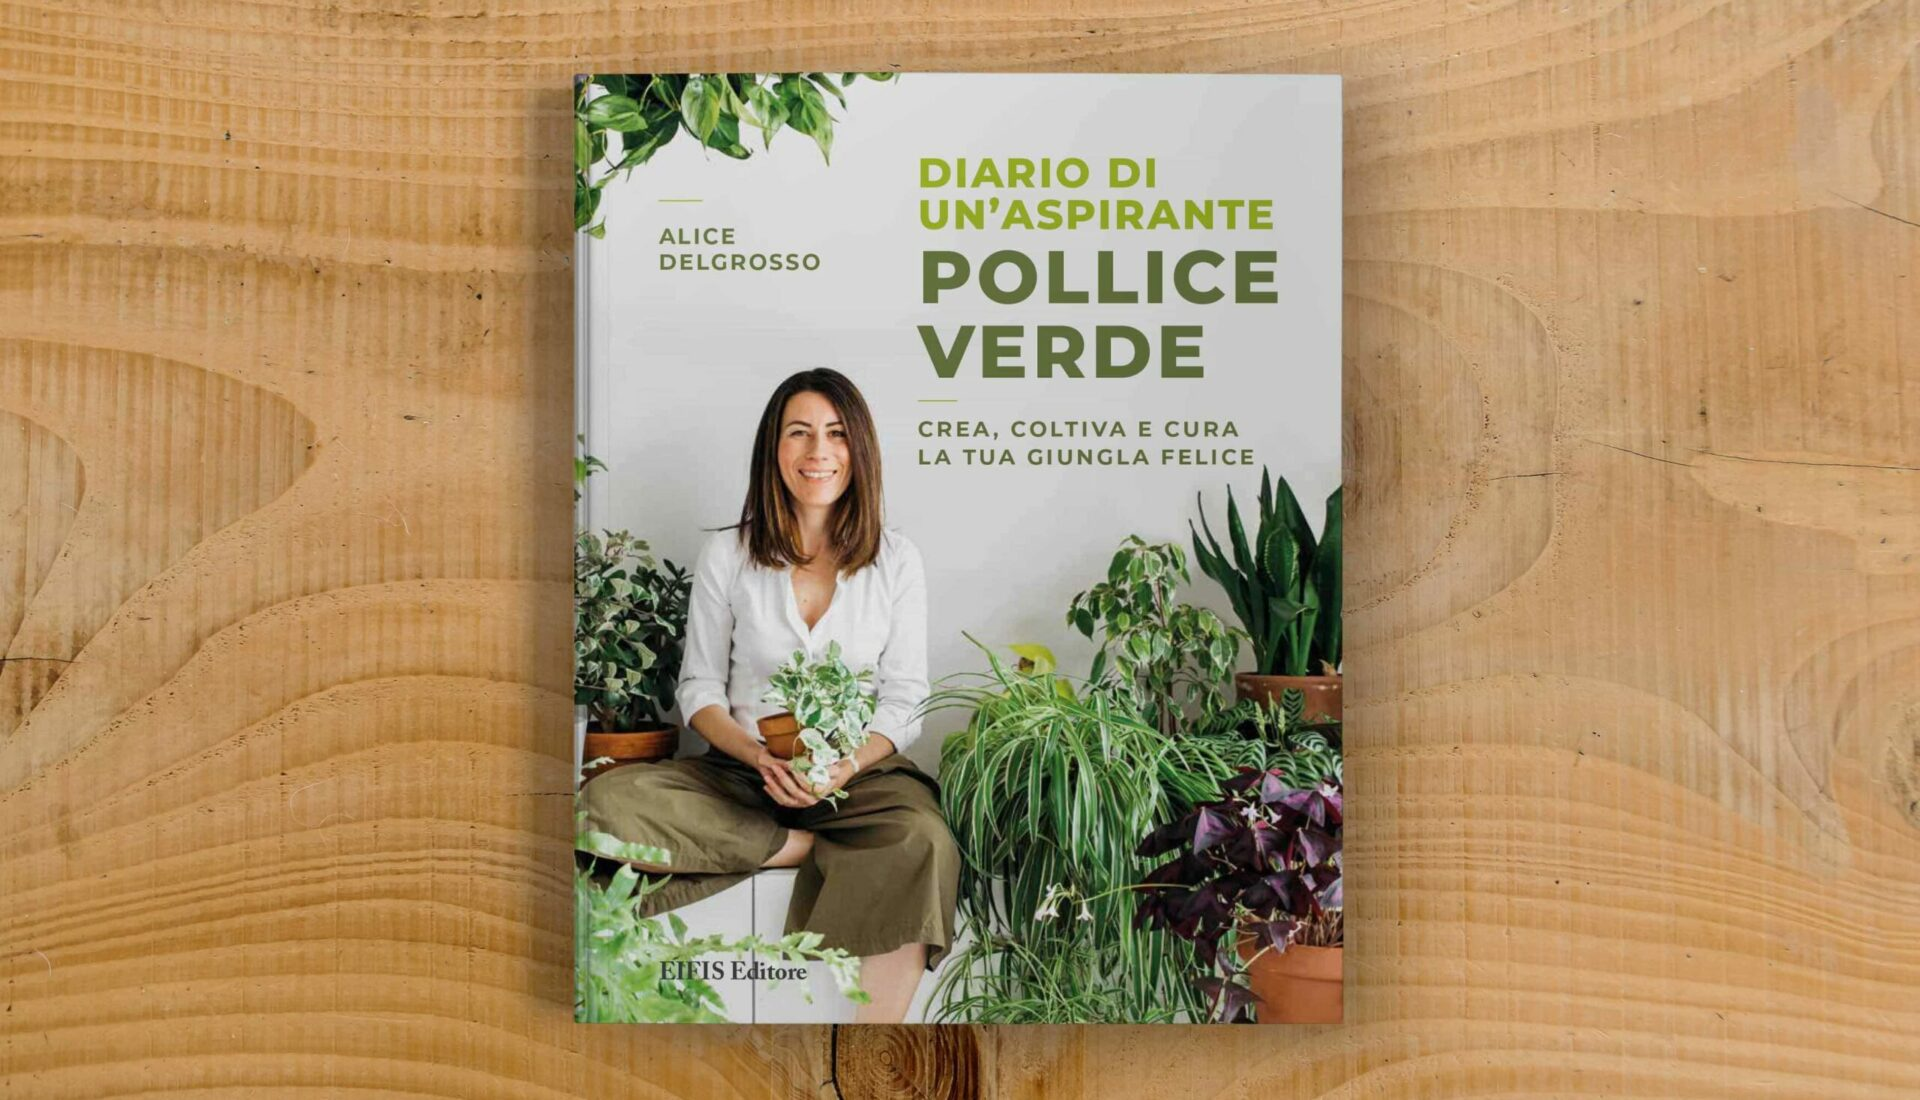 Libro Diario di un'aspirante pollice verde